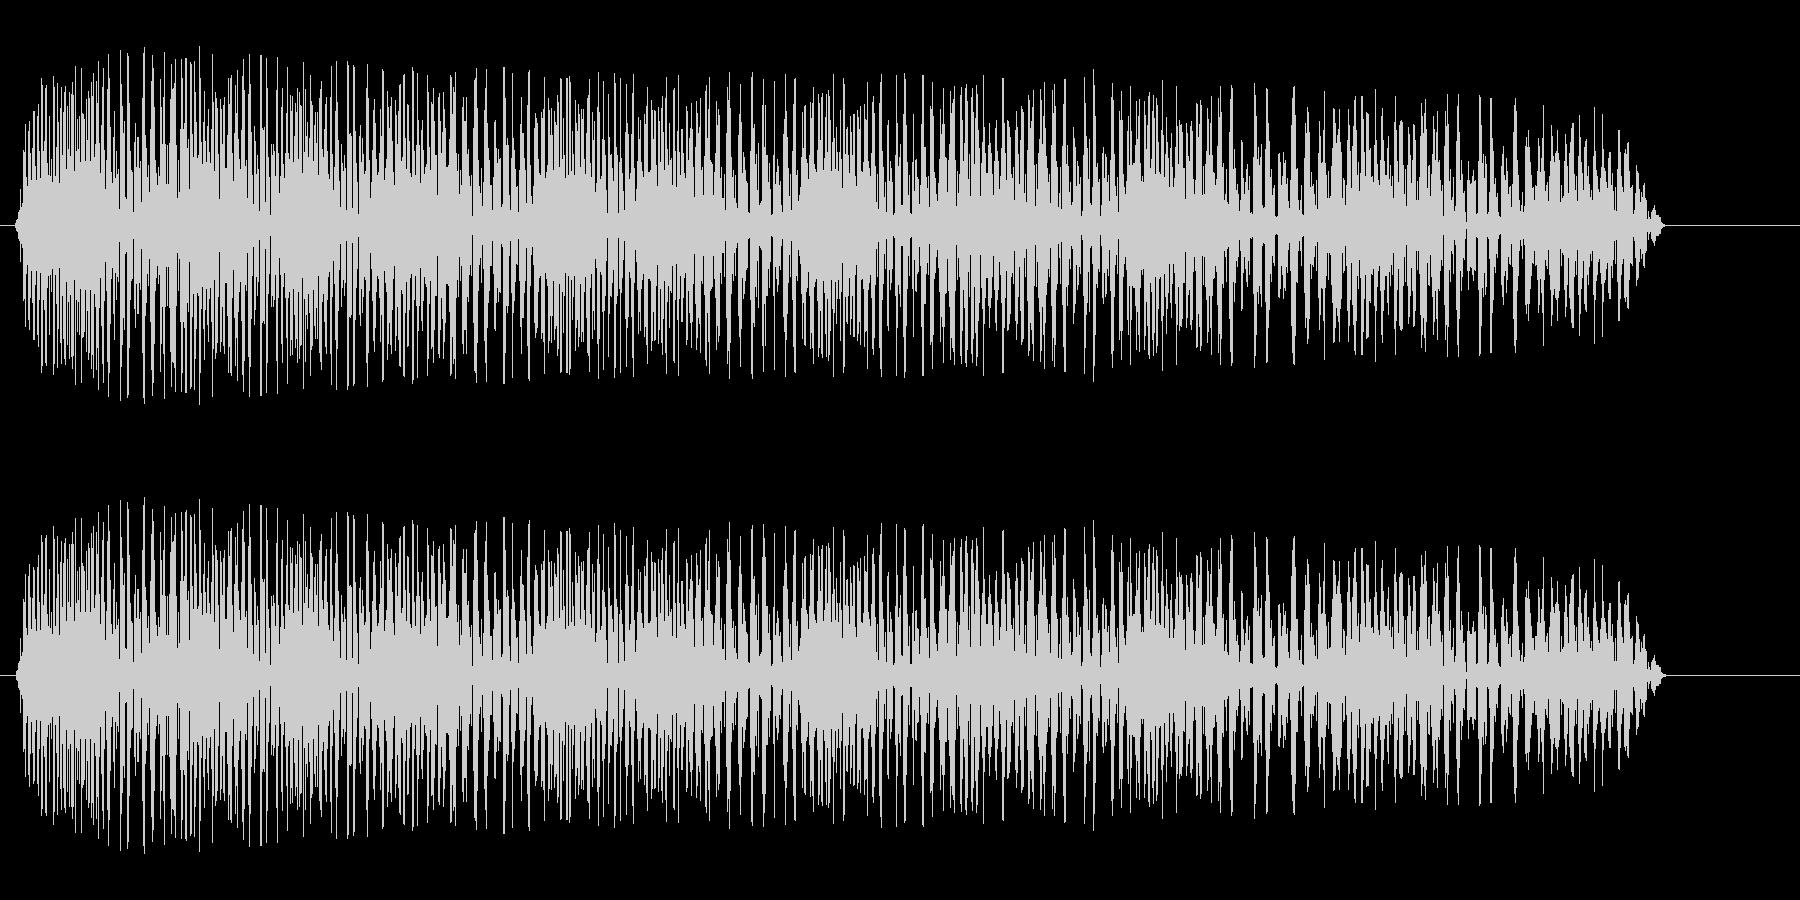 グワワワン(やられた音)の未再生の波形